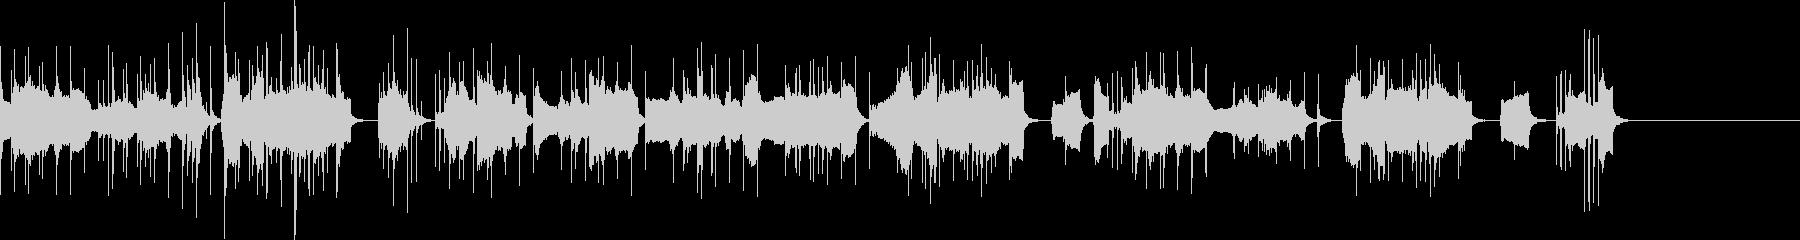 コミカルな低音楽器メインの曲の未再生の波形